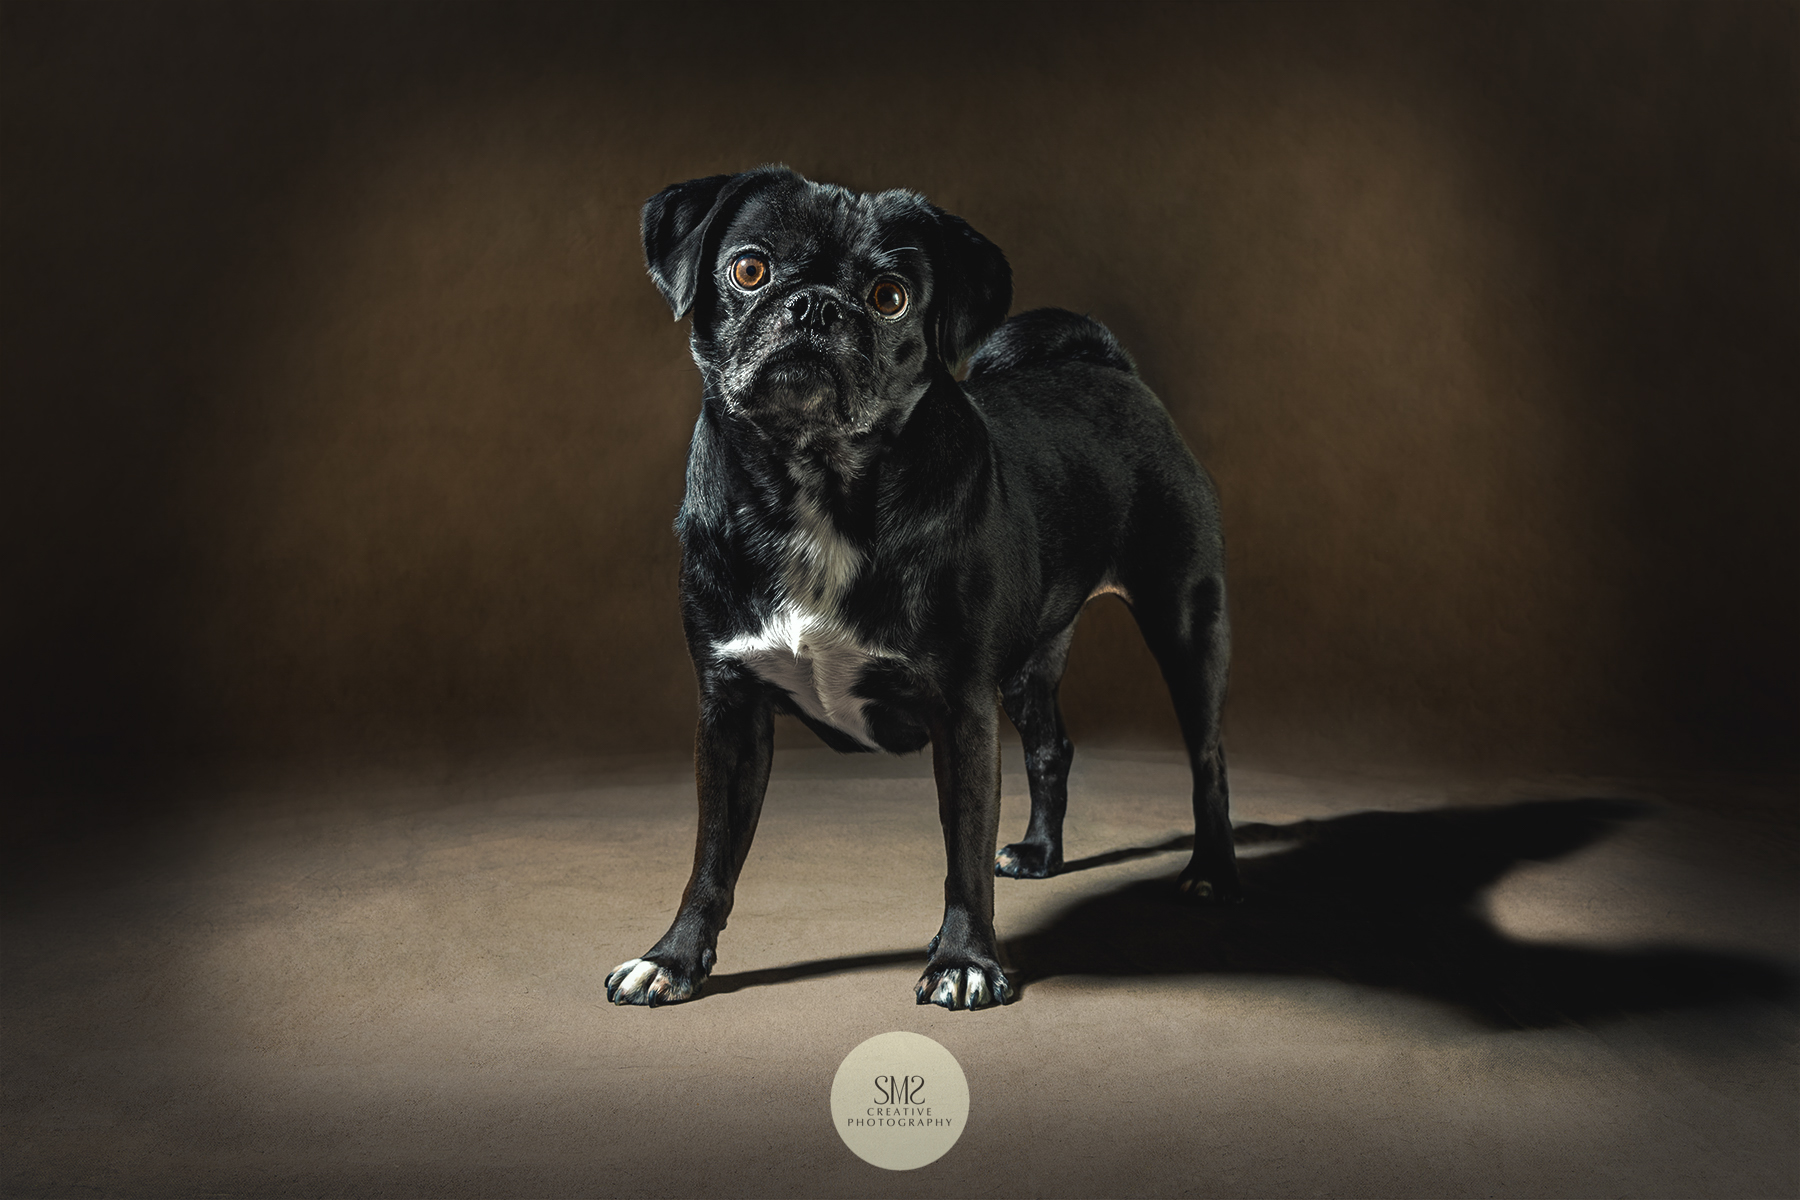 A photo-shoot for an adorable pug 2108.